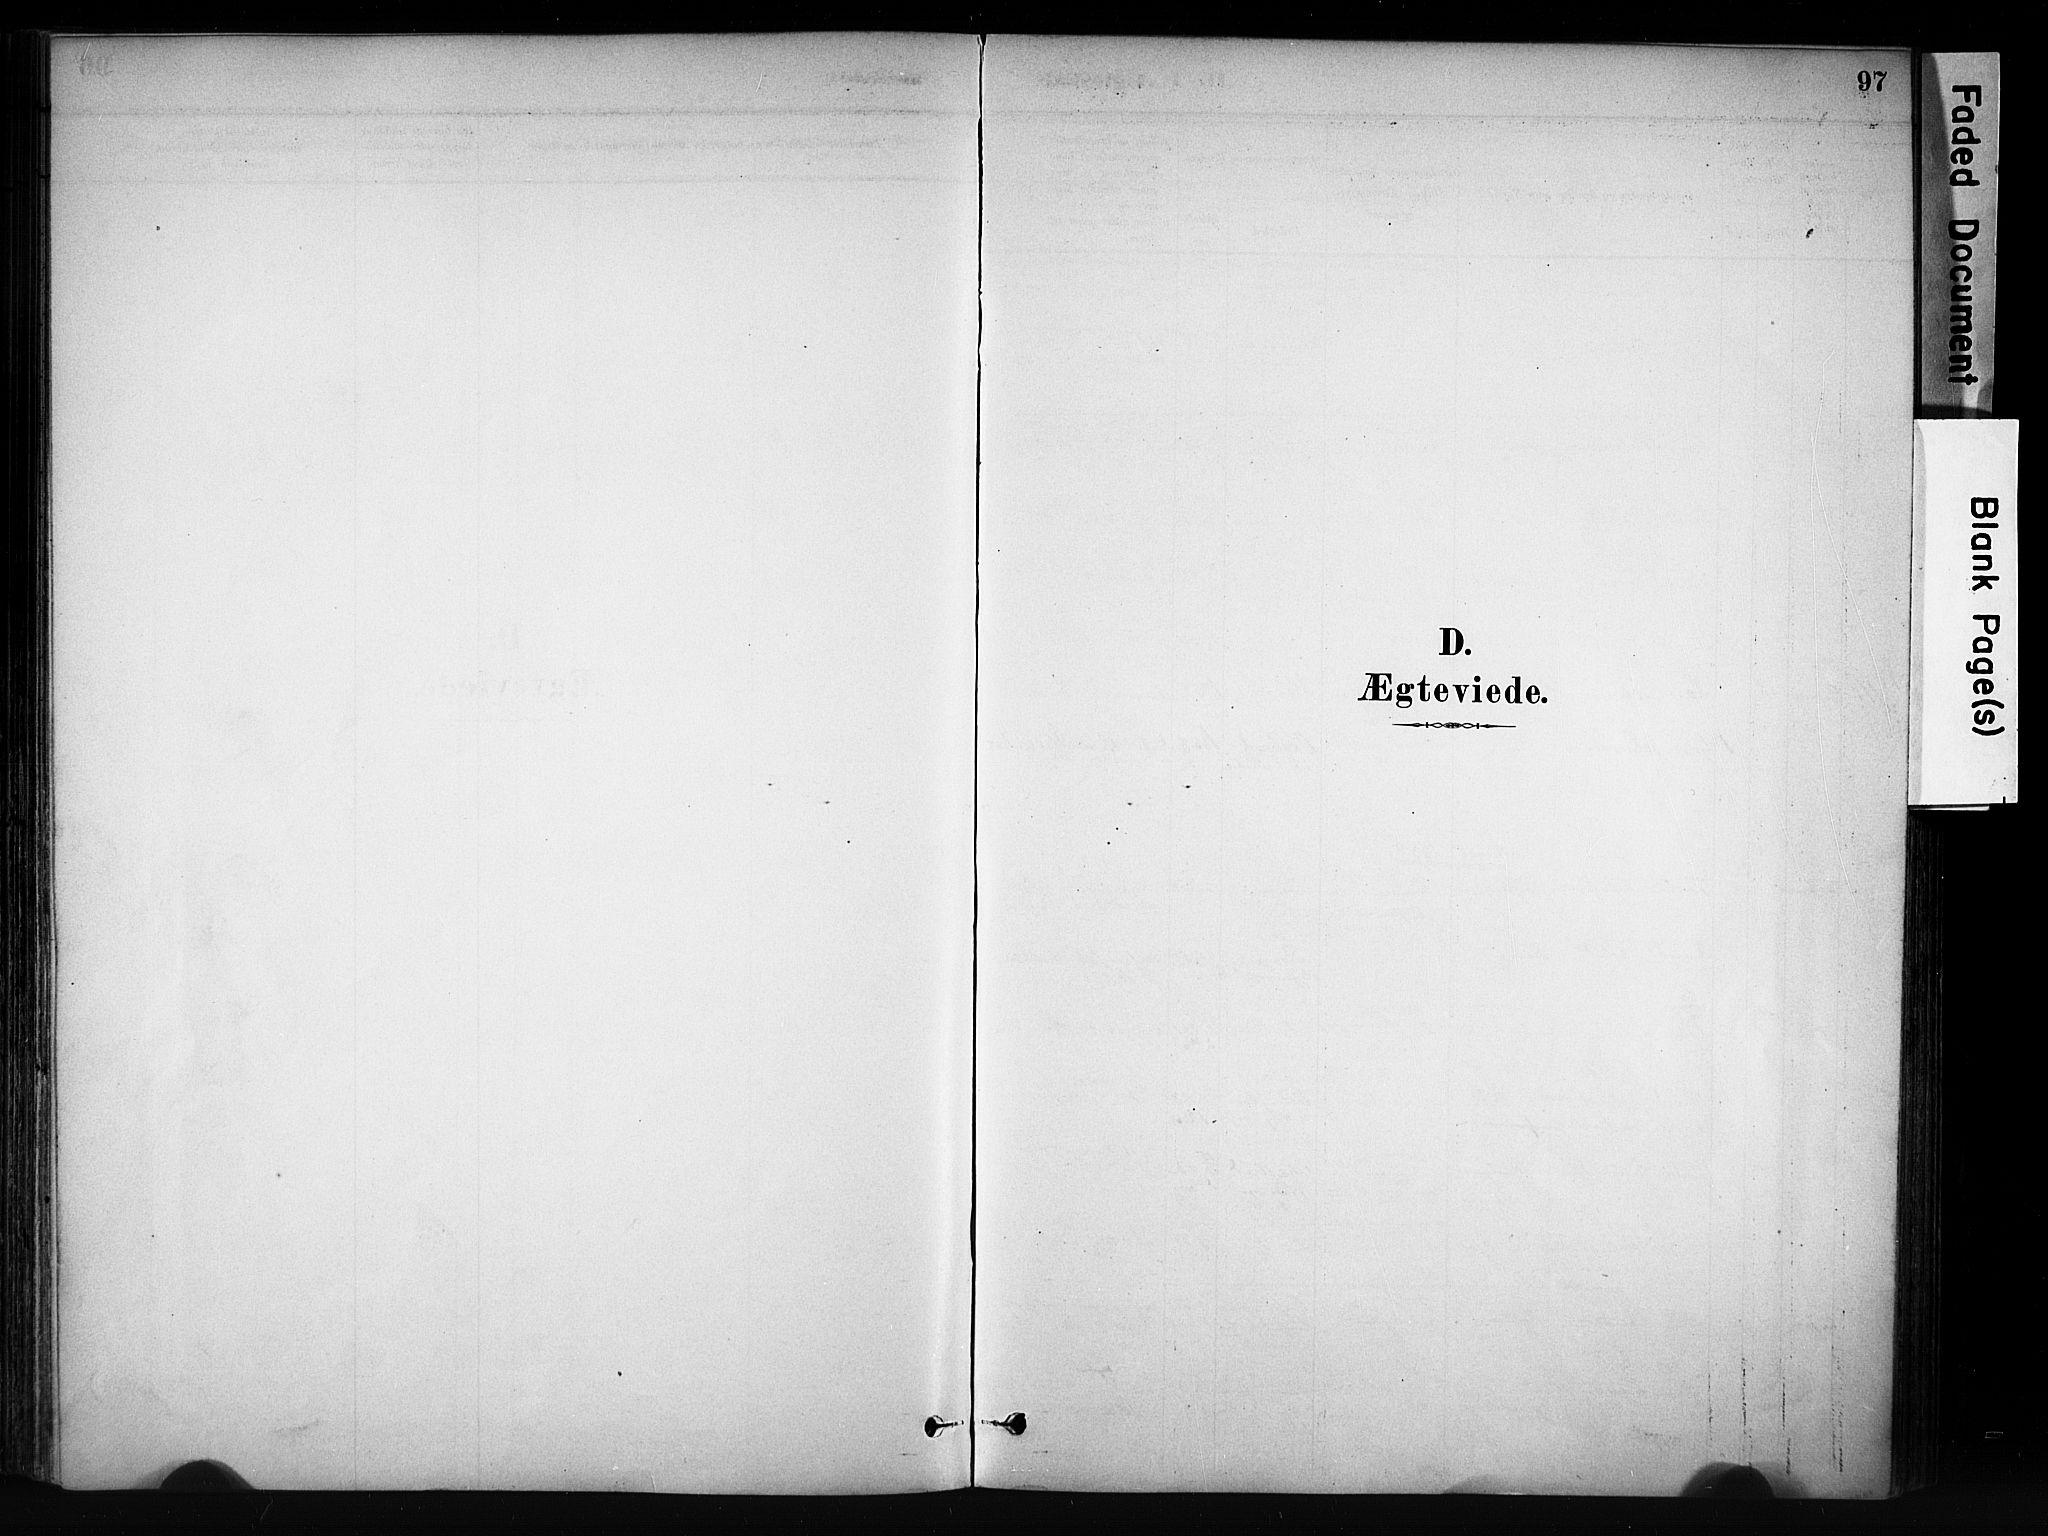 SAH, Vang prestekontor, Valdres, Ministerialbok nr. 9, 1882-1914, s. 97